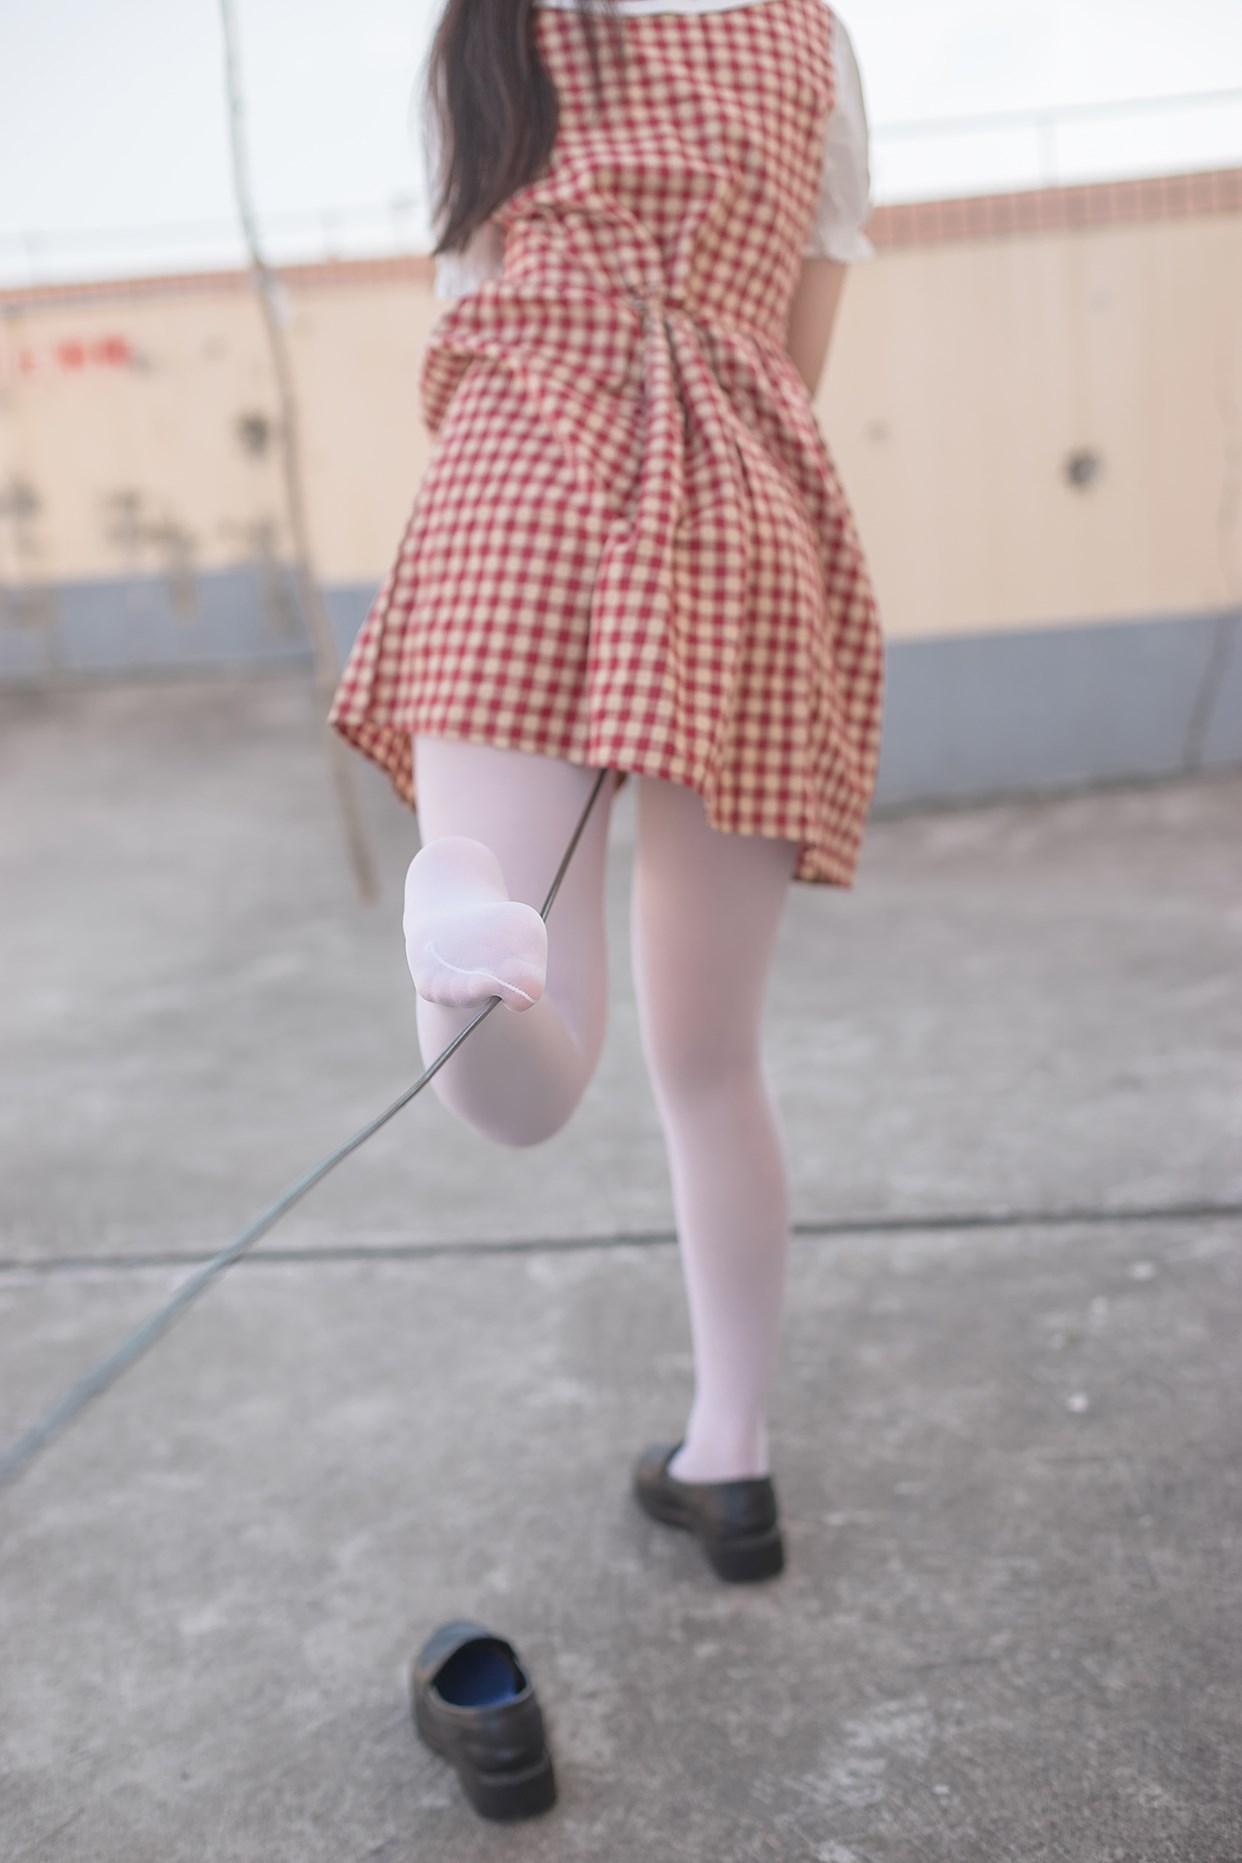 【兔玩映画】萝莉的白丝袜 兔玩映画 第21张